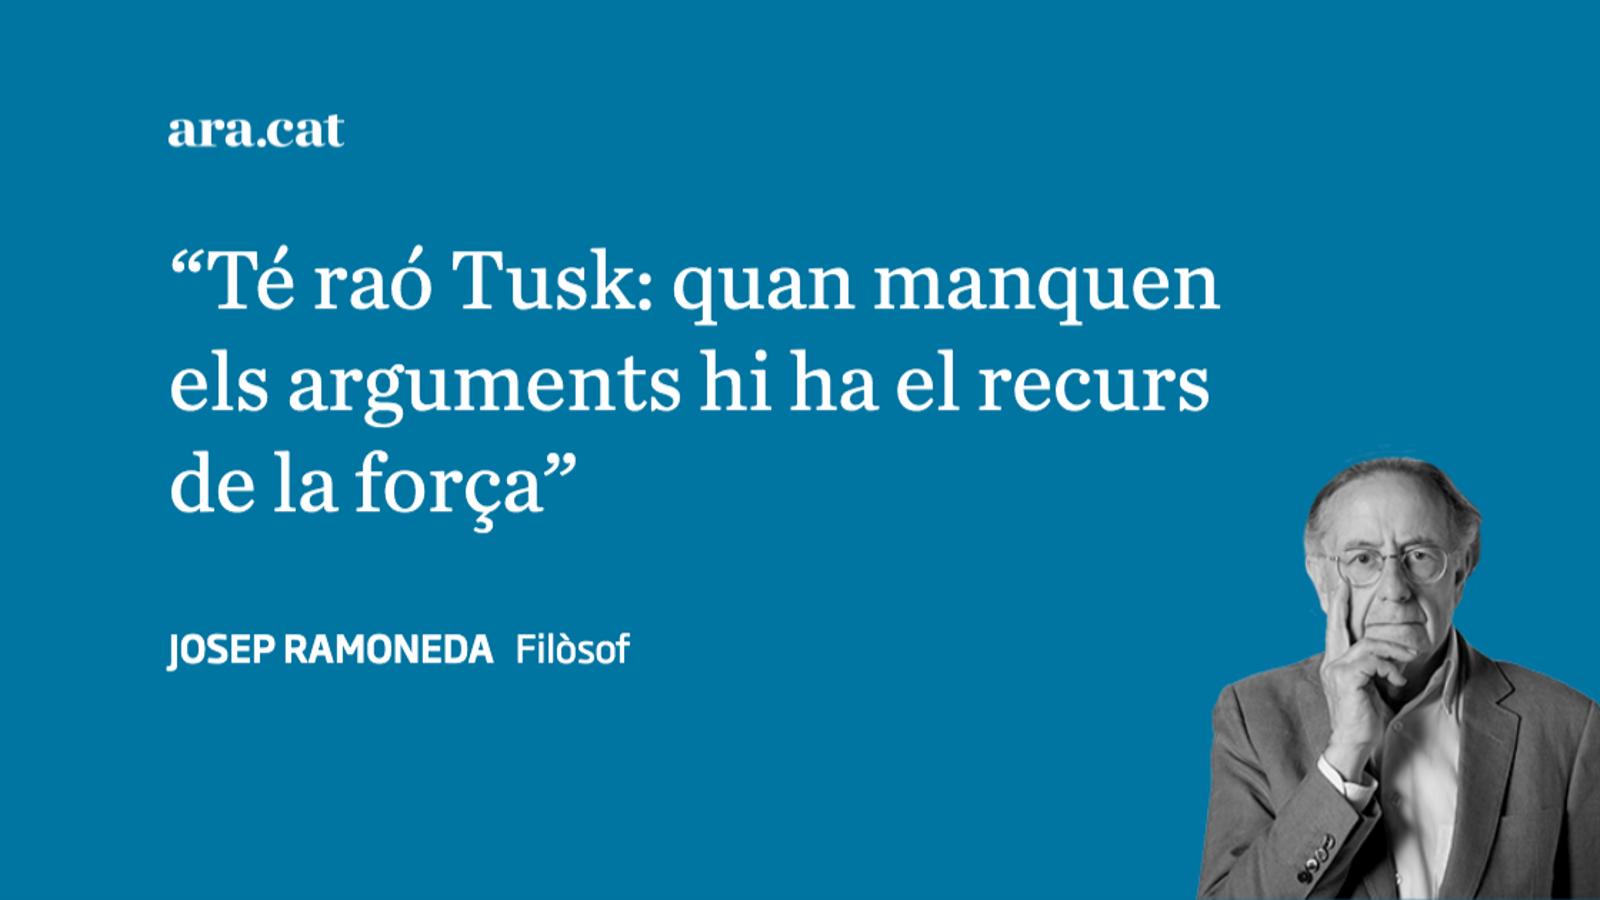 Rajoy i Tusk